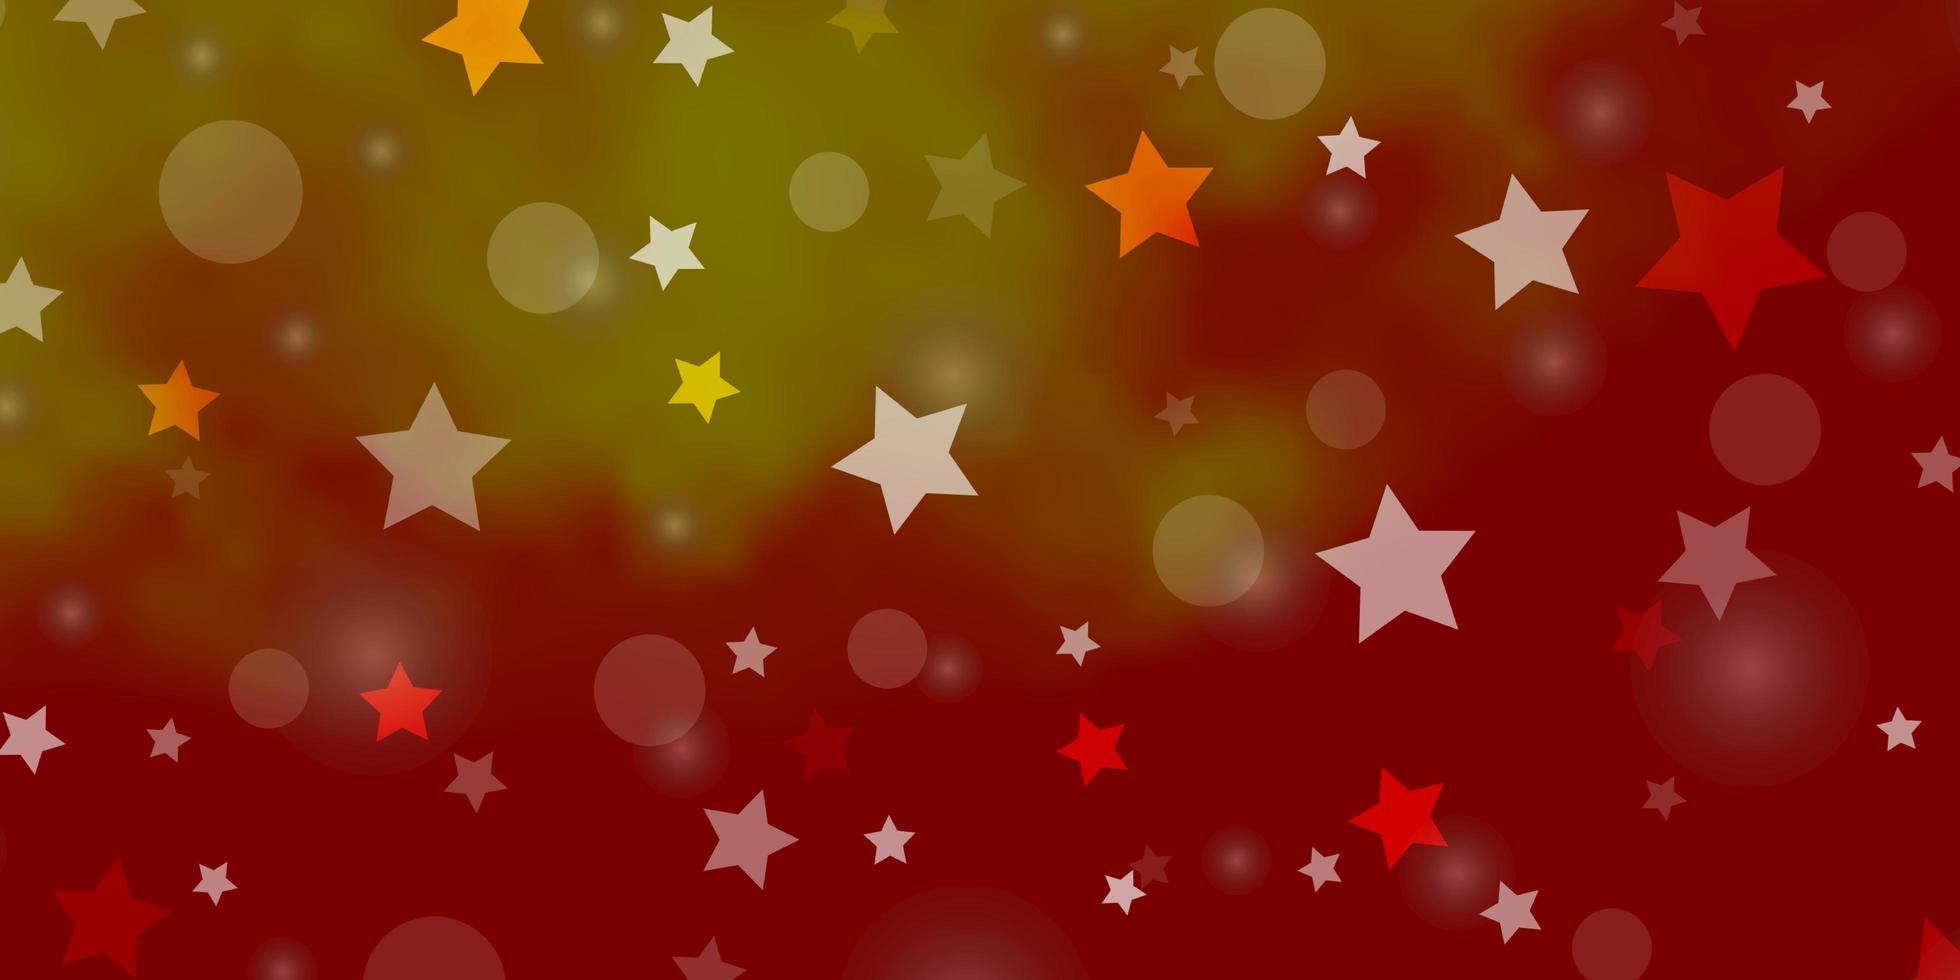 hellrote, gelbe Vektorschablone mit Kreisen, Sternen. vektor